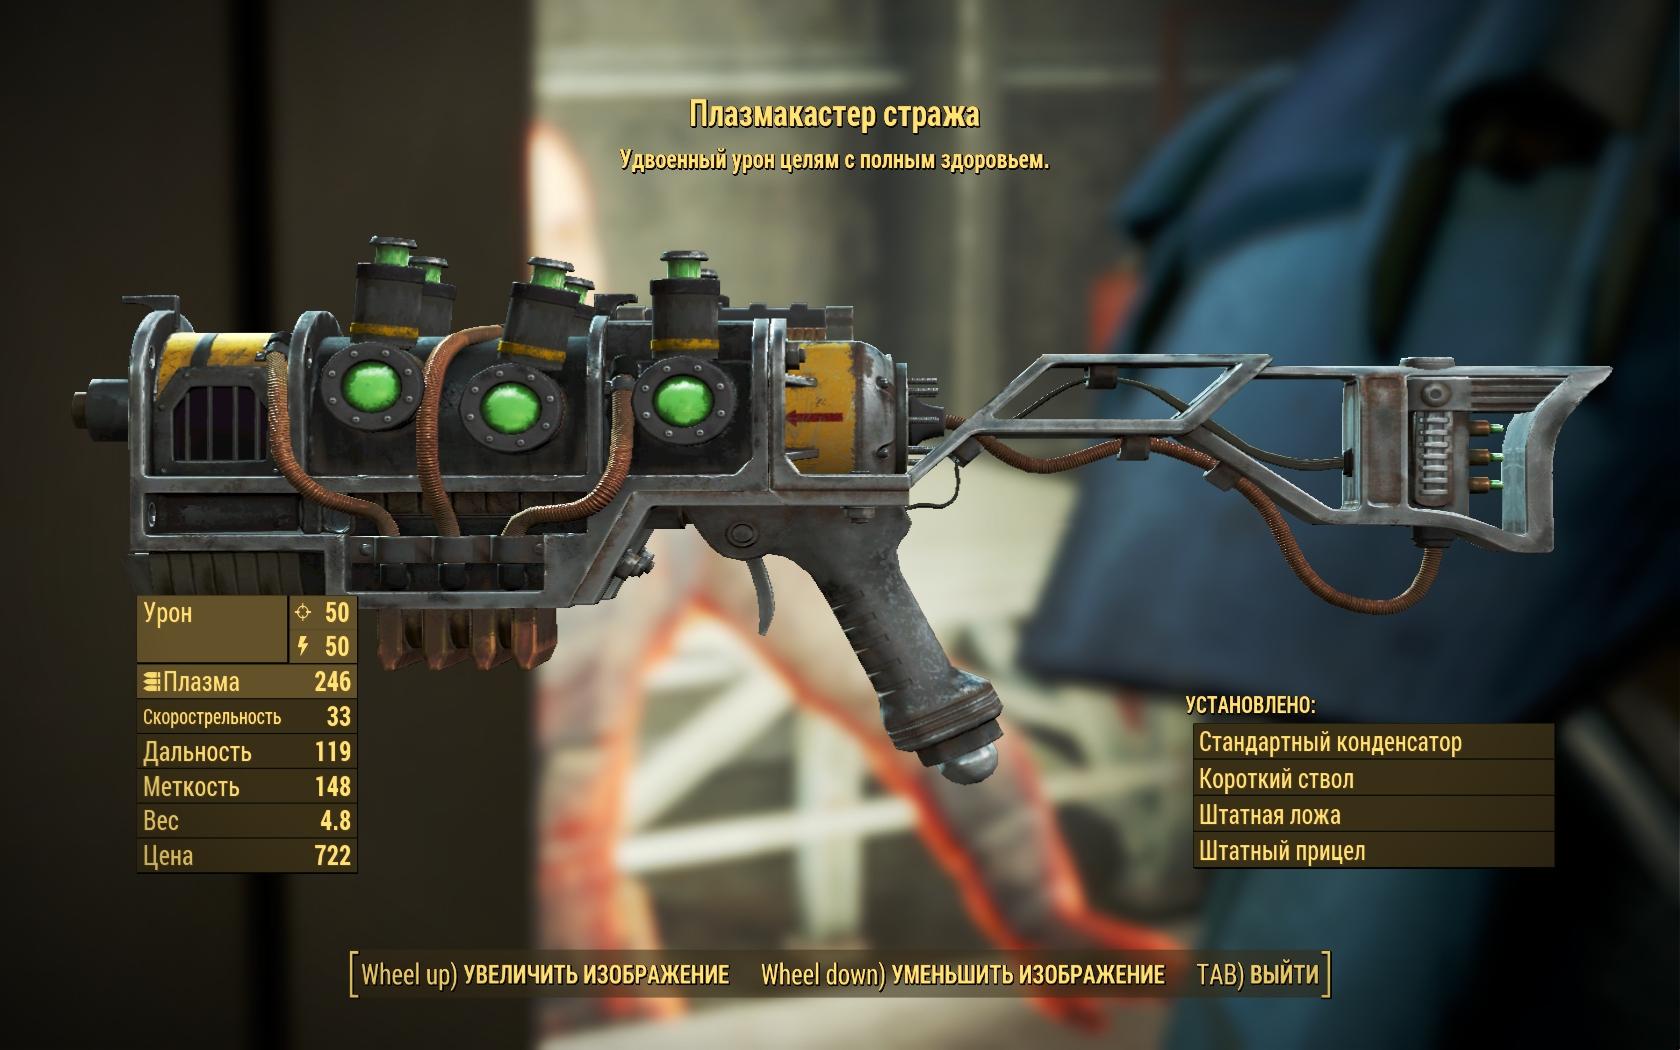 Плазмакастер стража (Придвен, можно купить у Проктора Тигана) - Fallout 4 Оружие